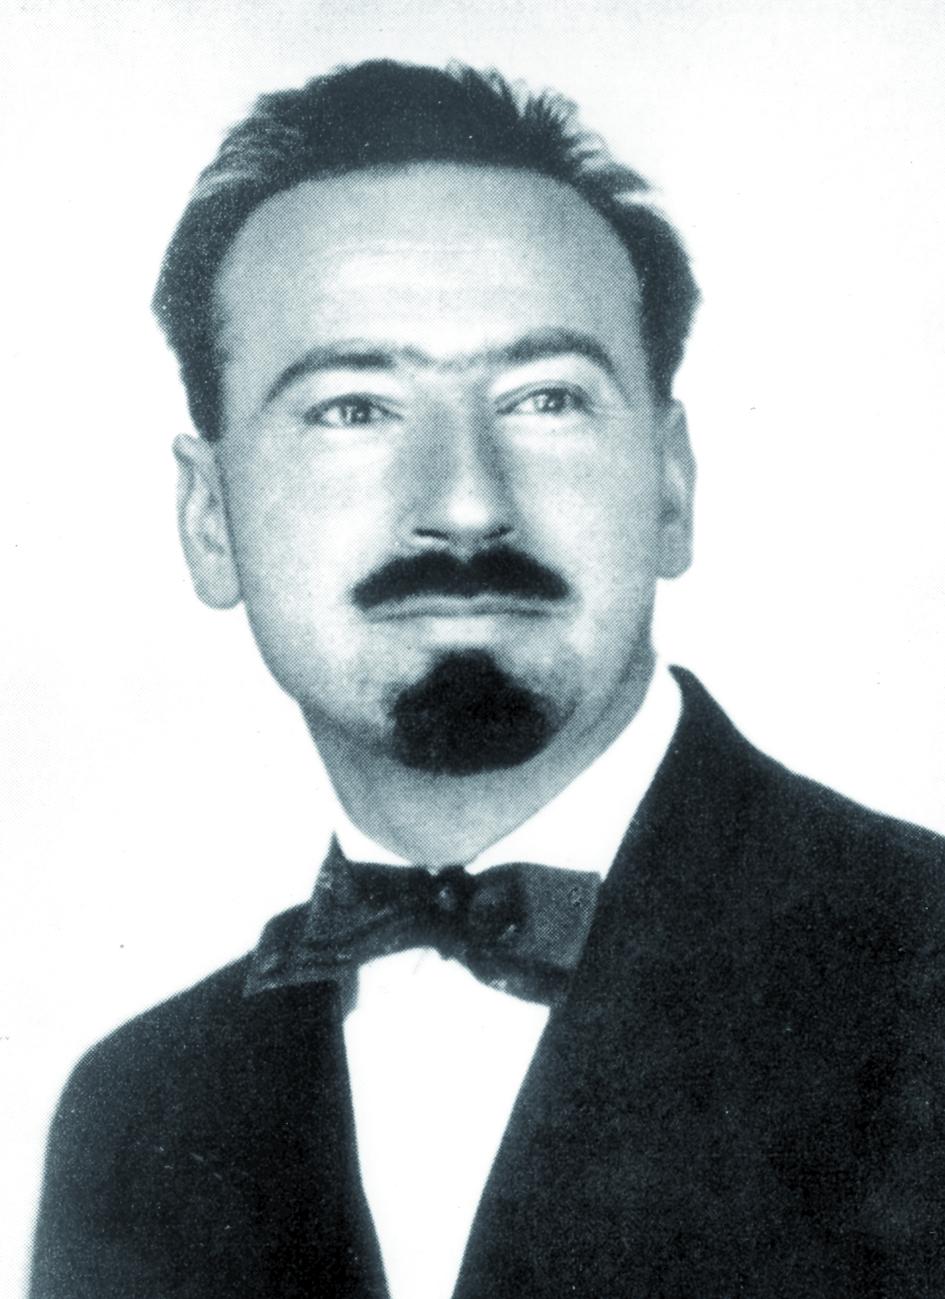 Portraitfoto von Herrn Antoine Lacassagne.